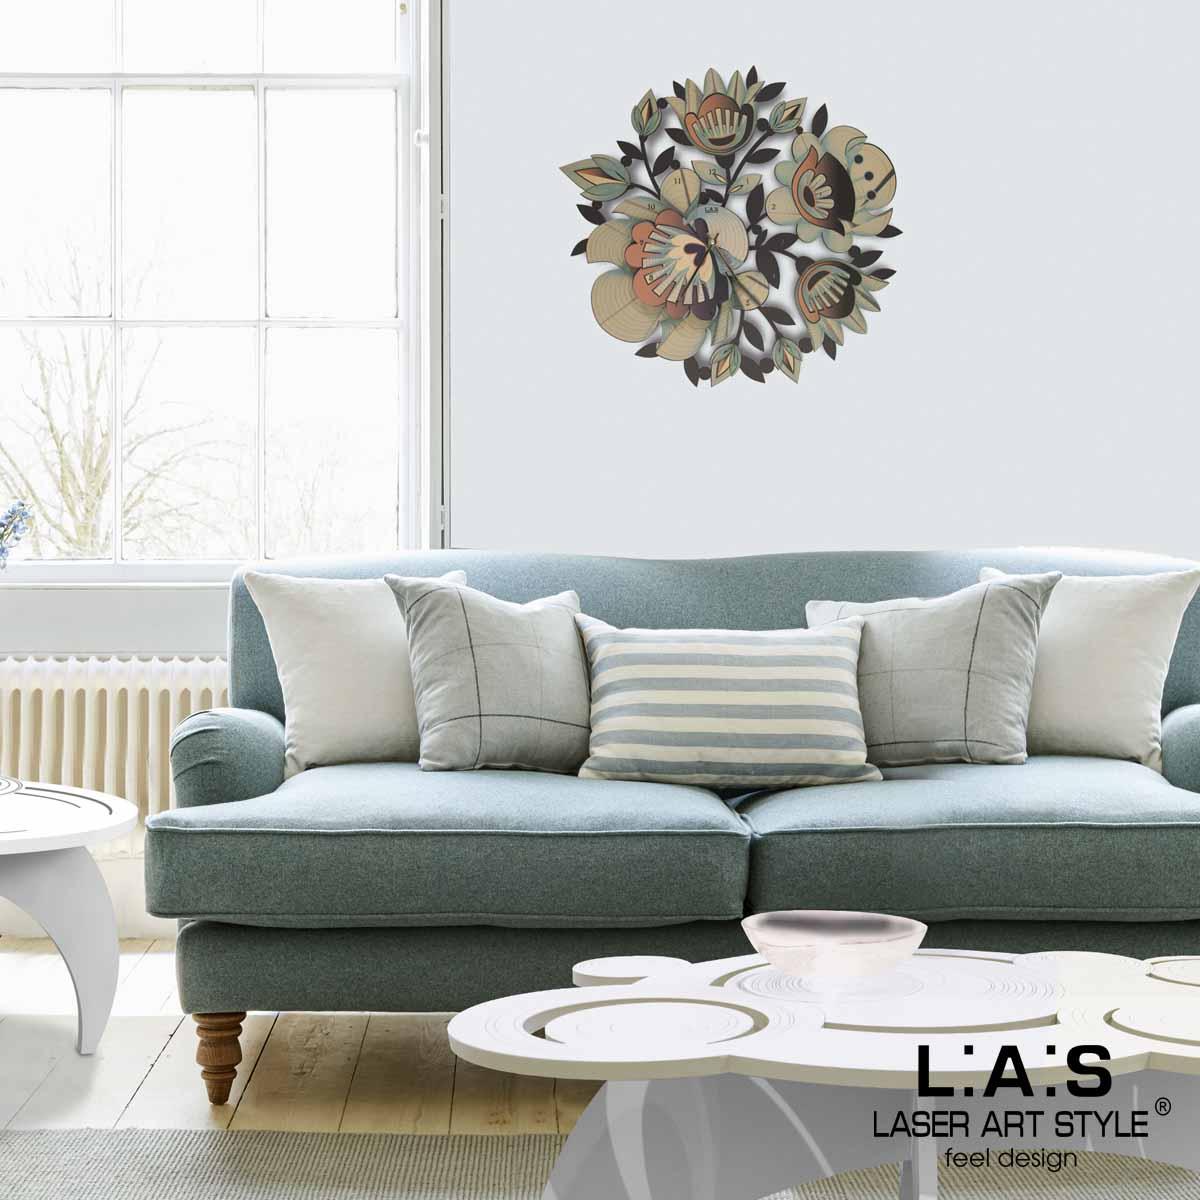 L:A:S - Laser Art Style - OROLOGIO DA PARETE DESIGN FLOREALE – SI-537 ARANCIO